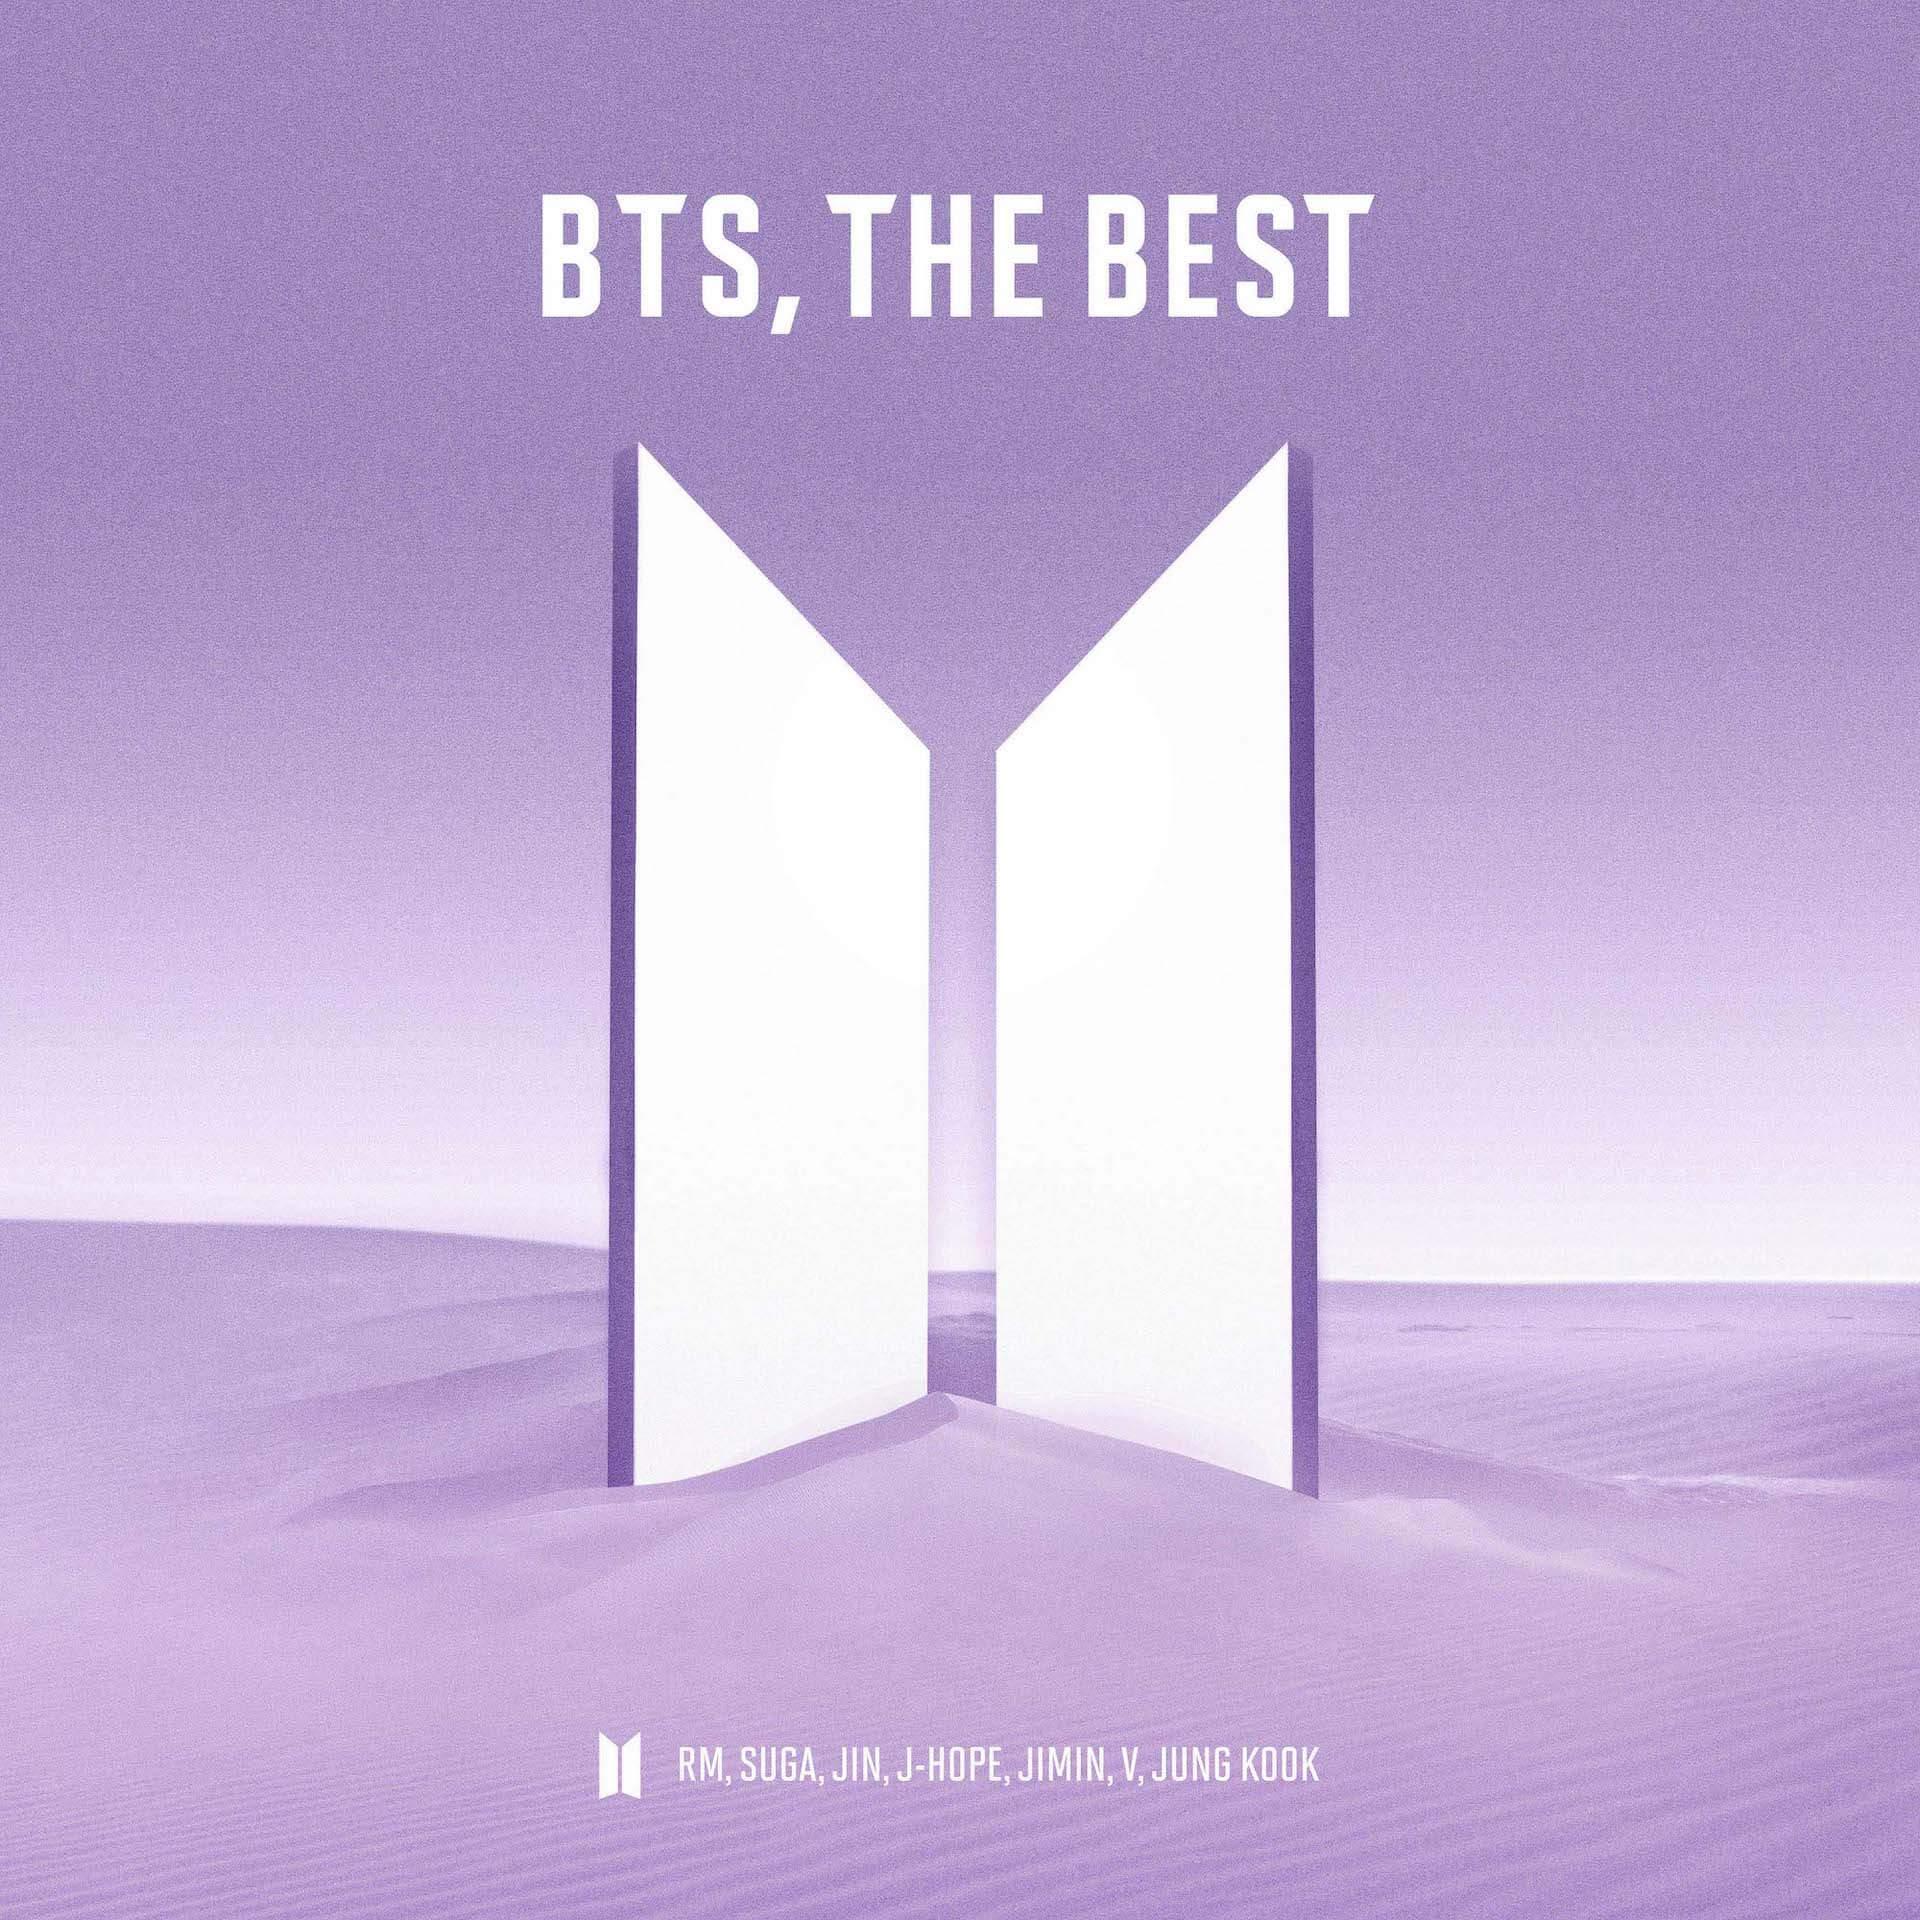 BTS『BTS, THE BEST』が発売初日に57.2万枚セールスで初週売上1位に!今年度最高初週売上更新 music210617_bts_the_best_2